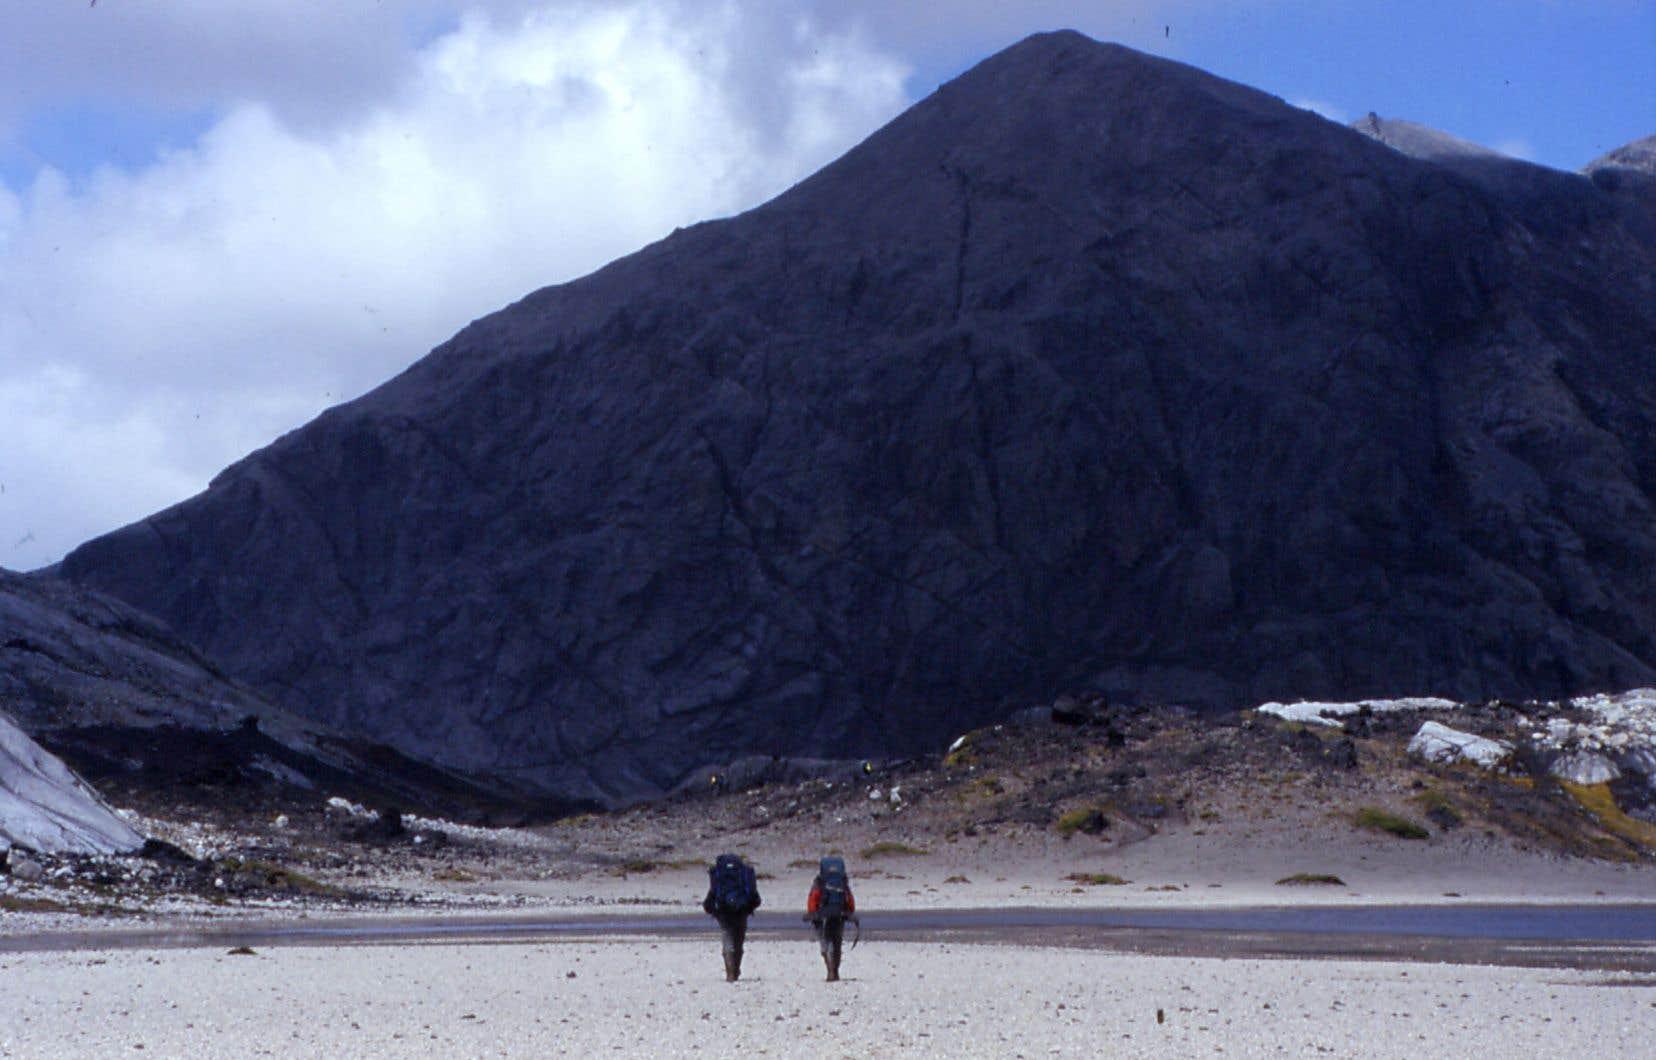 L'île de Kerguelen, plus gros morceau d'un petit archipel accroché aux confins de l'océan Indien, est un territoire français depuis sa découverte en 1772.